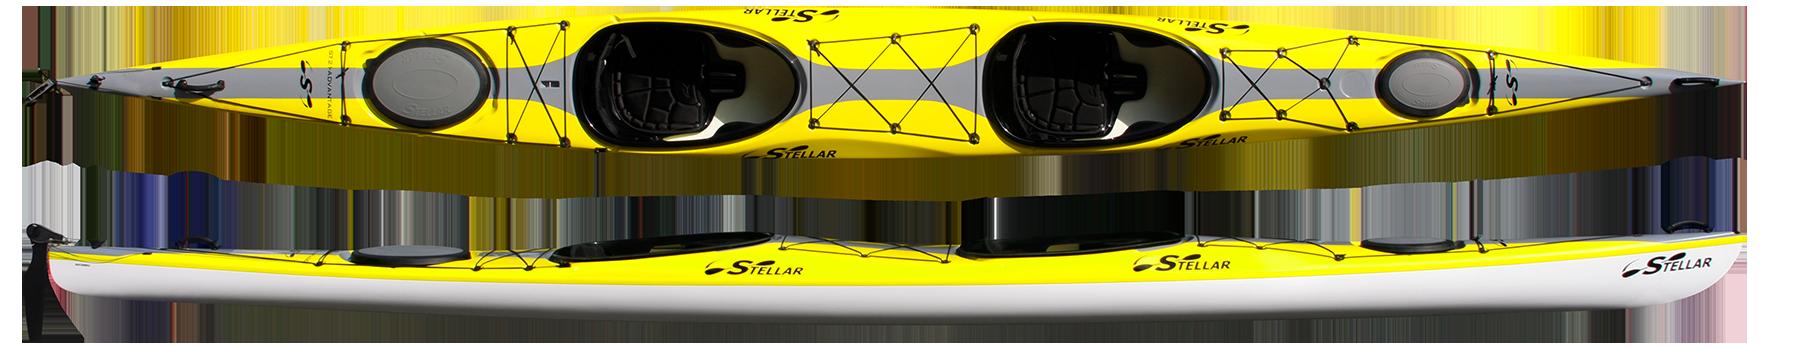 Stellar Tandem 21' Touring Kayak (ST21) - Stellar Kayaks USA